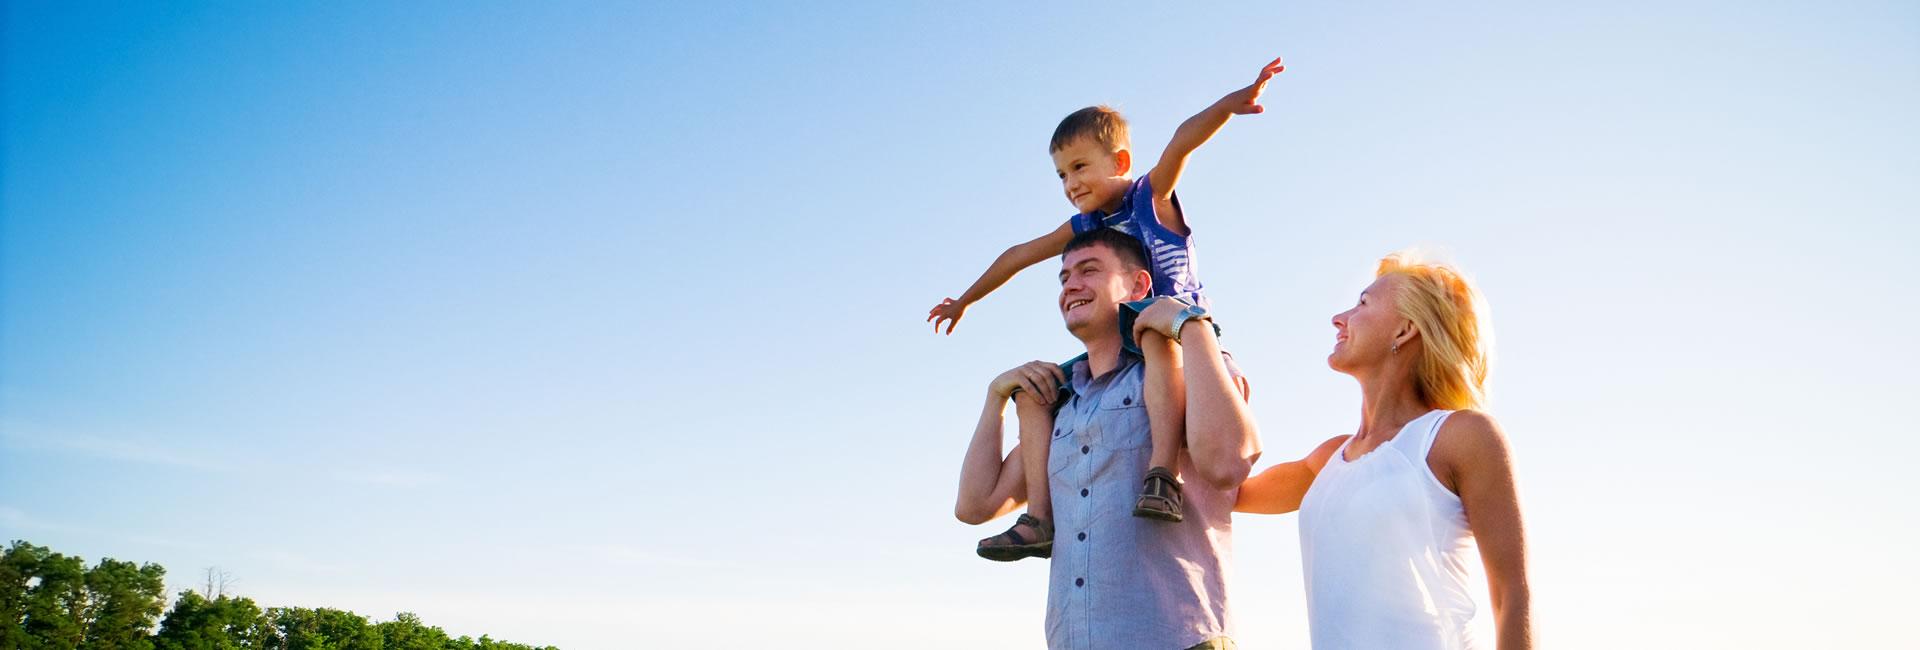 PARA MEJORAR SU PROTECCIÓN Y LA DE SU FAMILIA